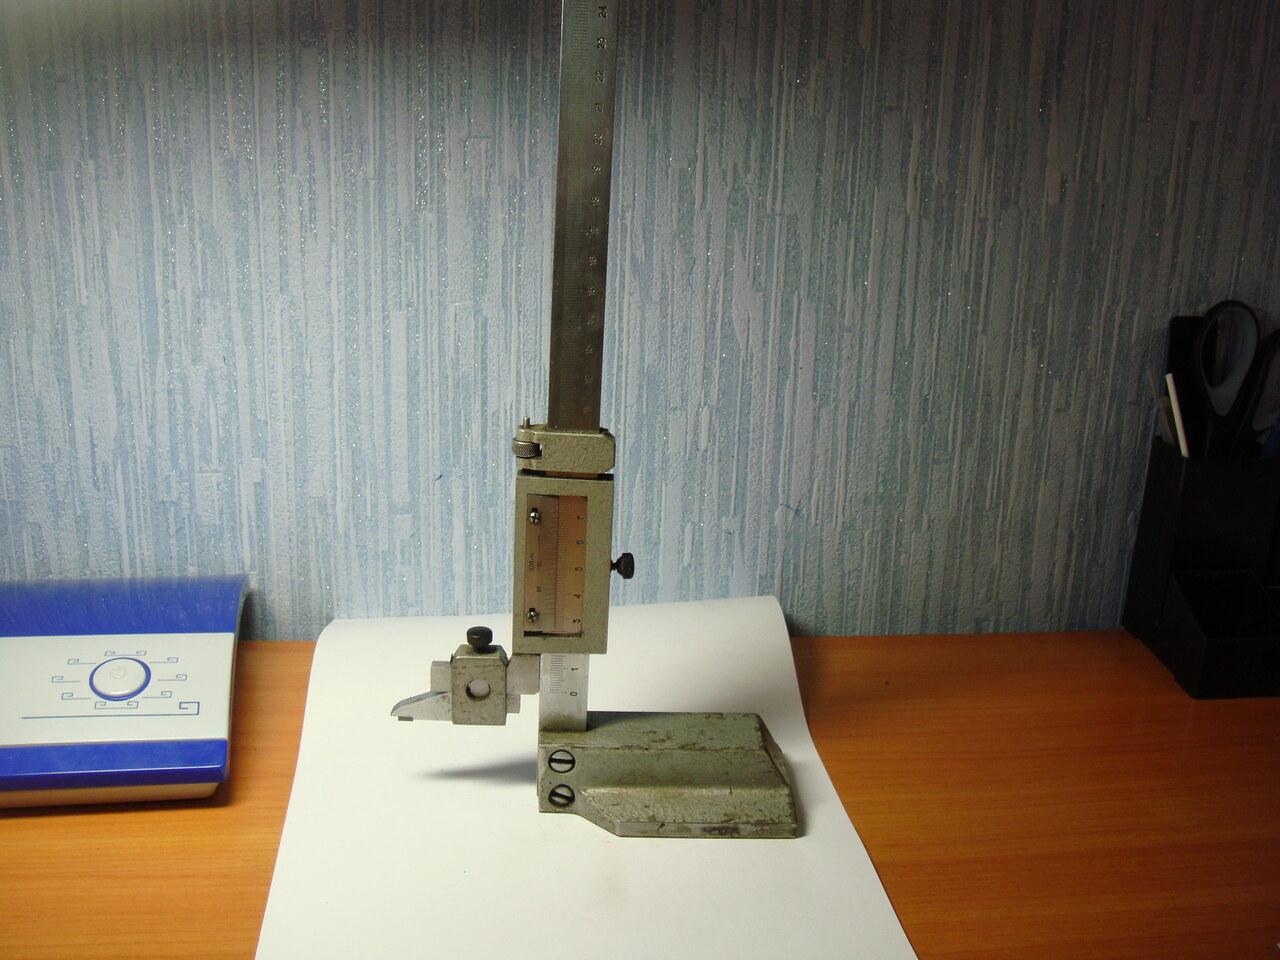 Гост 8.113-85 гси. штангенциркули. методика поверки